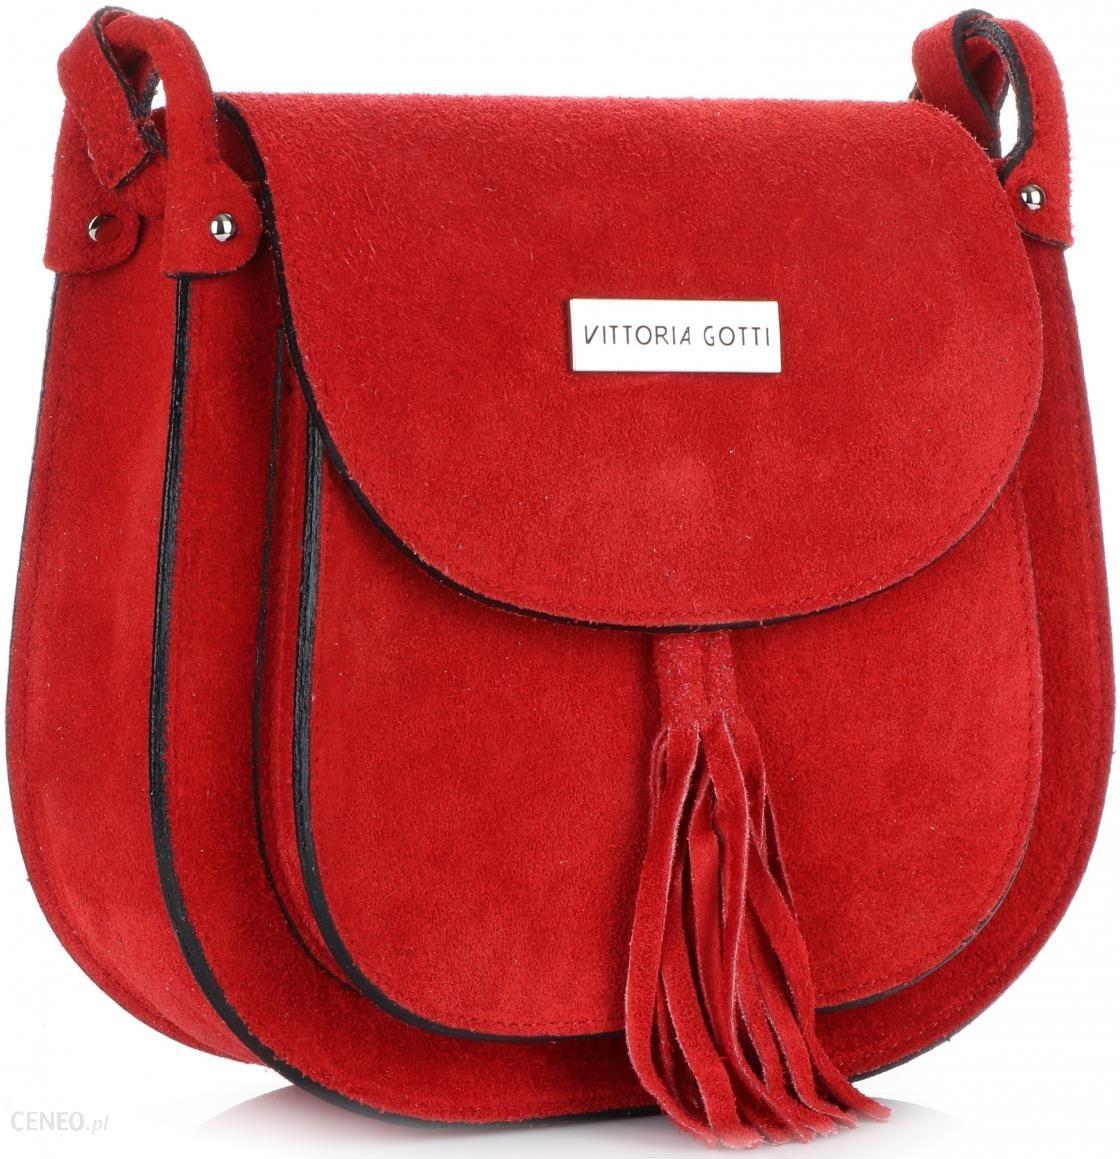 4d375408f93a7 Uniwersalne Torebki Listonoszki Skórzane Vittoria Gotti Czerwone (kolory) -  zdjęcie 1